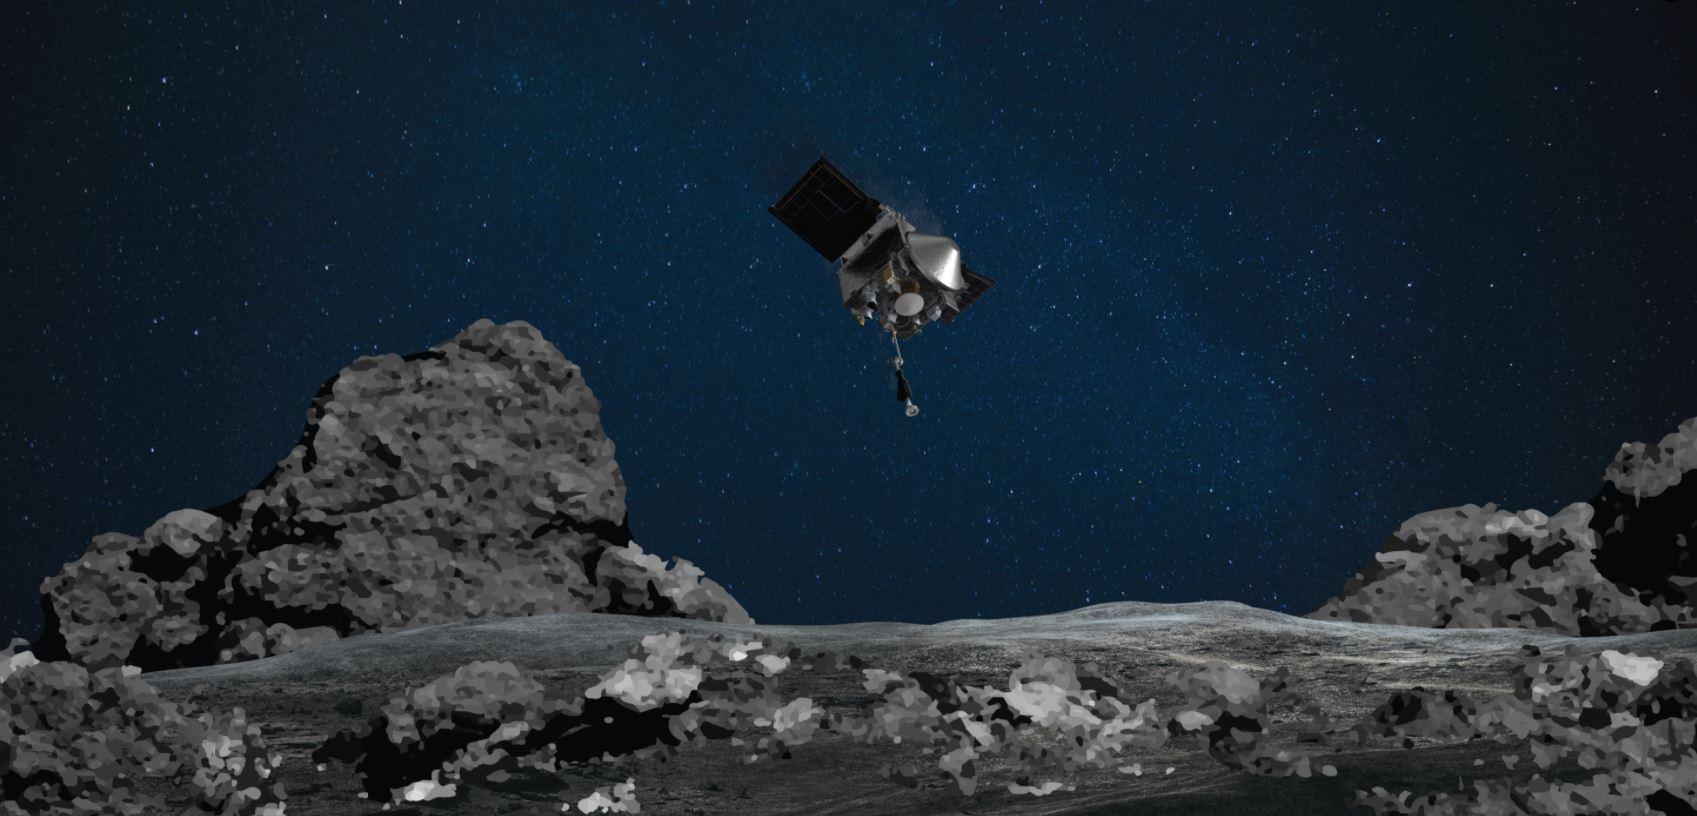 НАСА готовится собрать образцы астероидов на следующей неделе в дальнем космосе миссия OSIRIS-REx